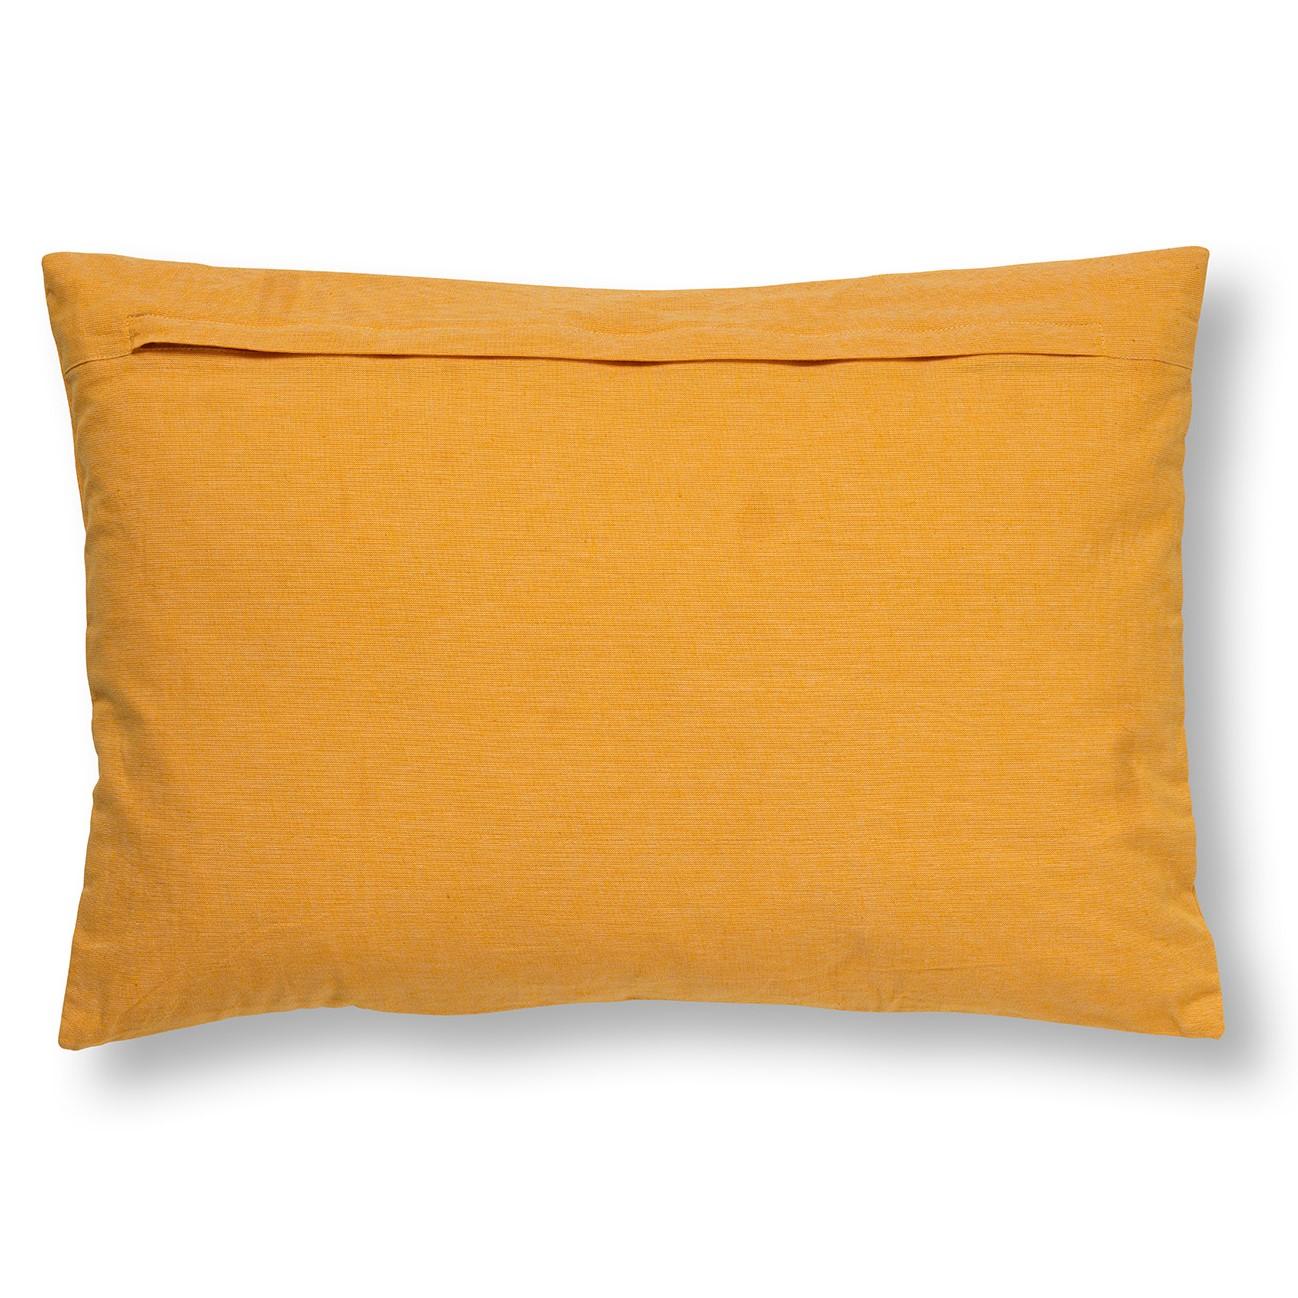 MADELIN - Sierkussen van katoen Golden Glow 40x60 cm